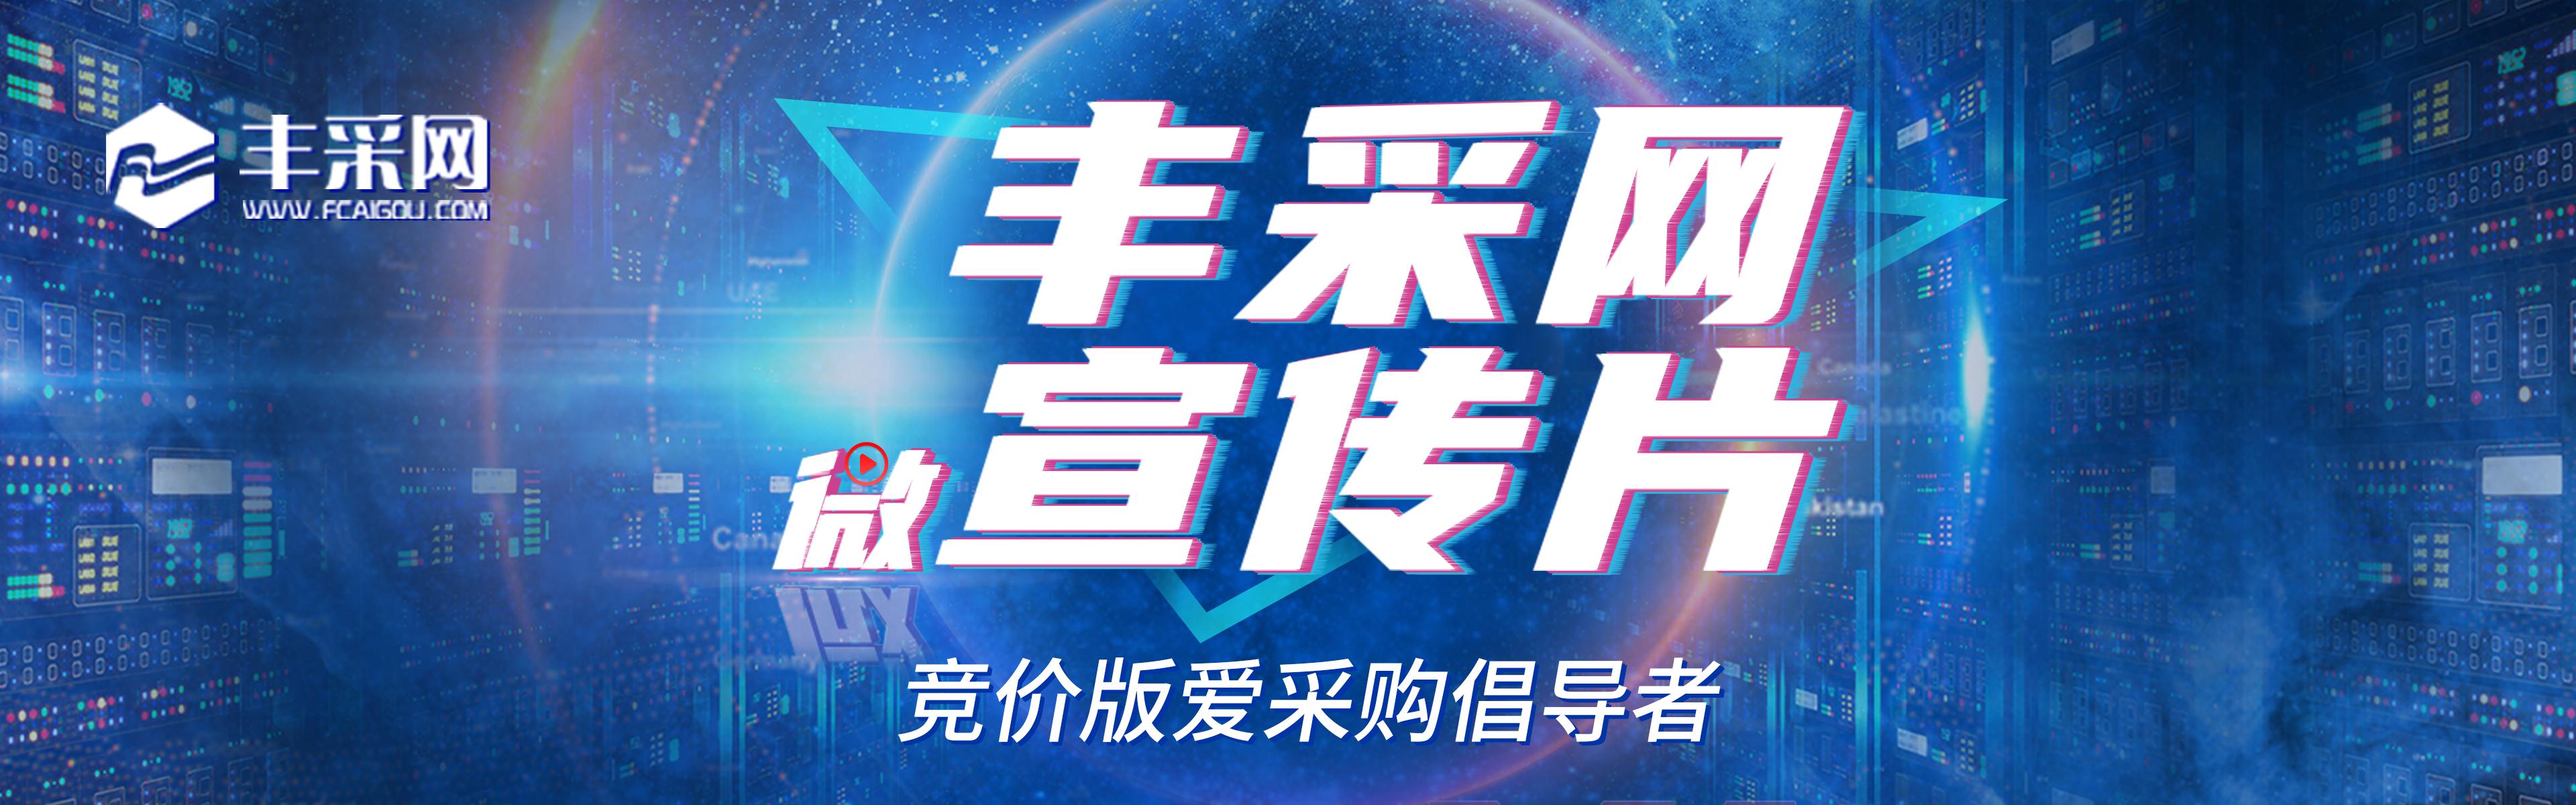 丰采网宣传片